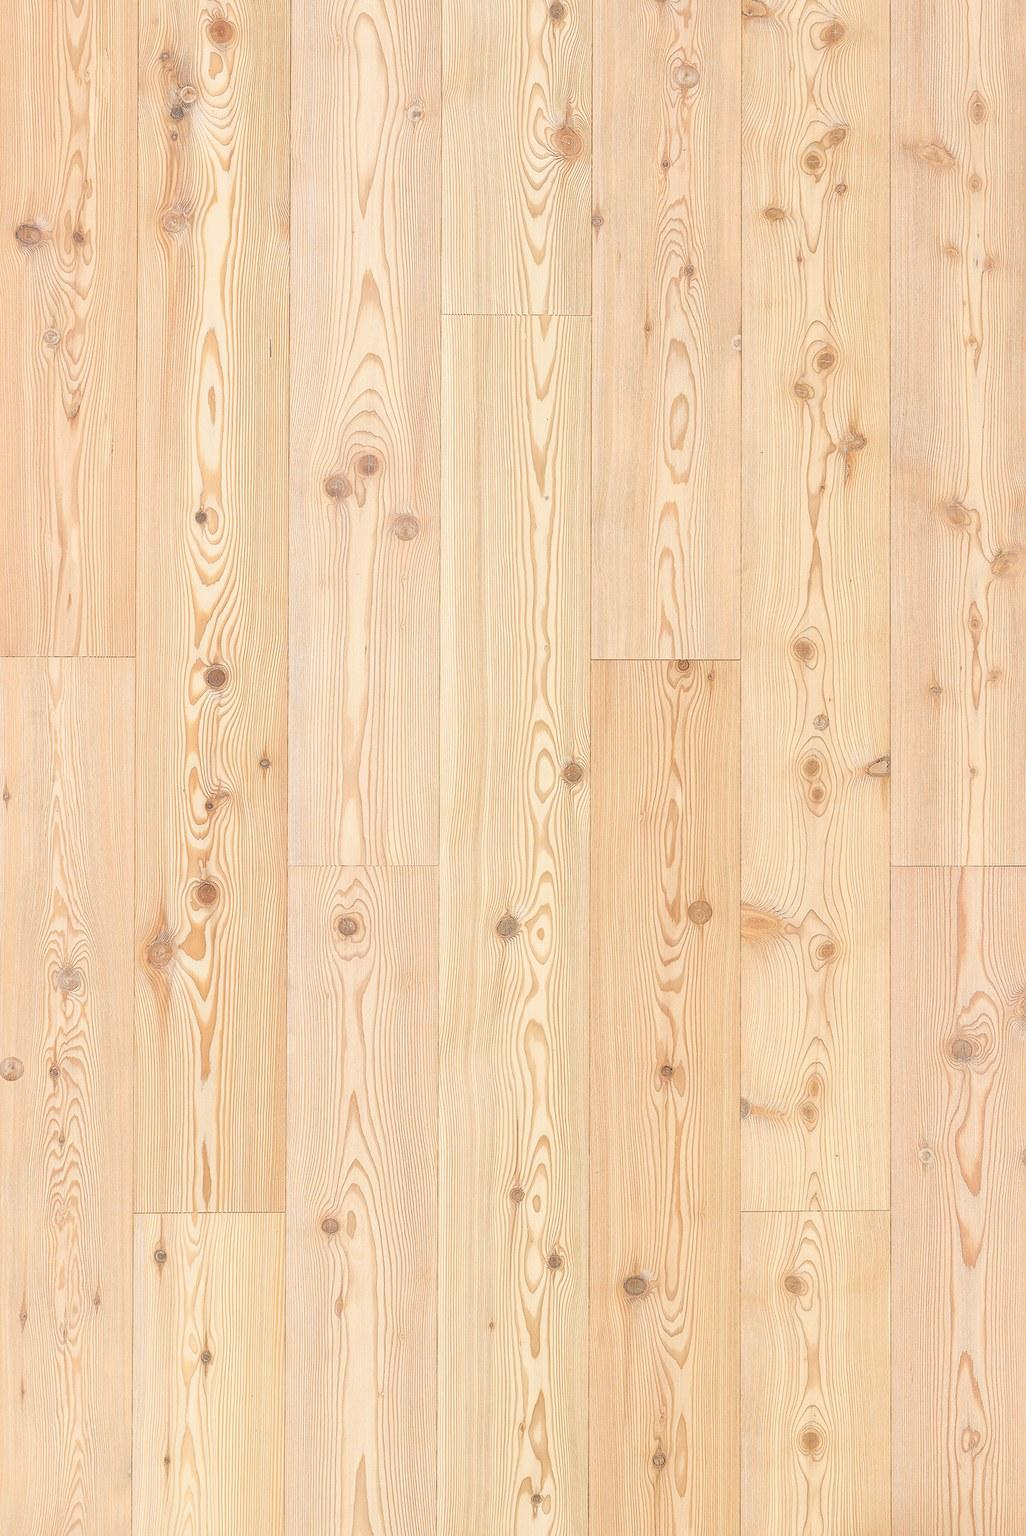 Timberwise Parketti Lankkuparketti Puulattia Wooden Floor Parquet Plank Lehtikuusi Larch Nordic 2D1